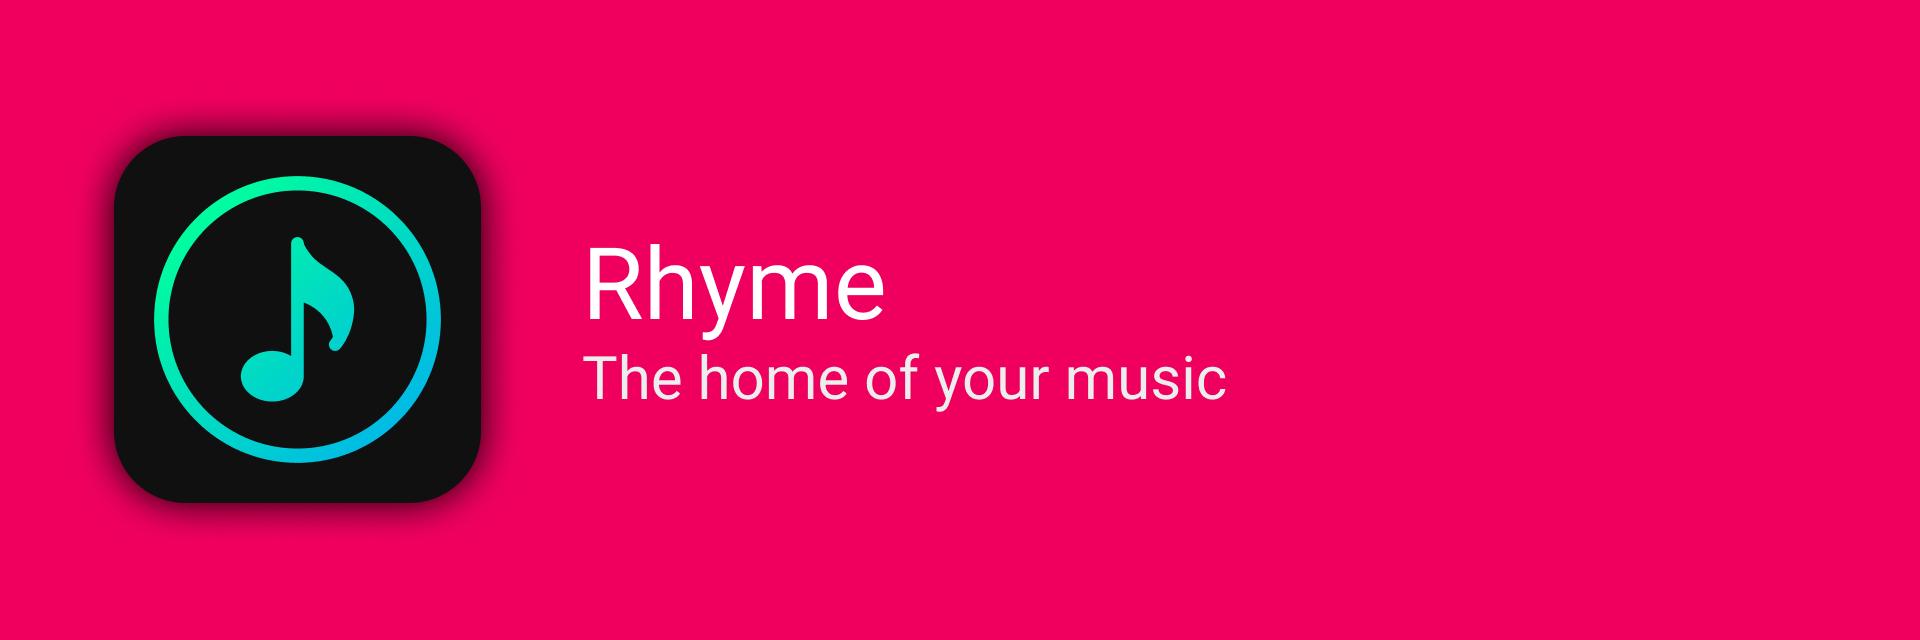 Rhyme banner